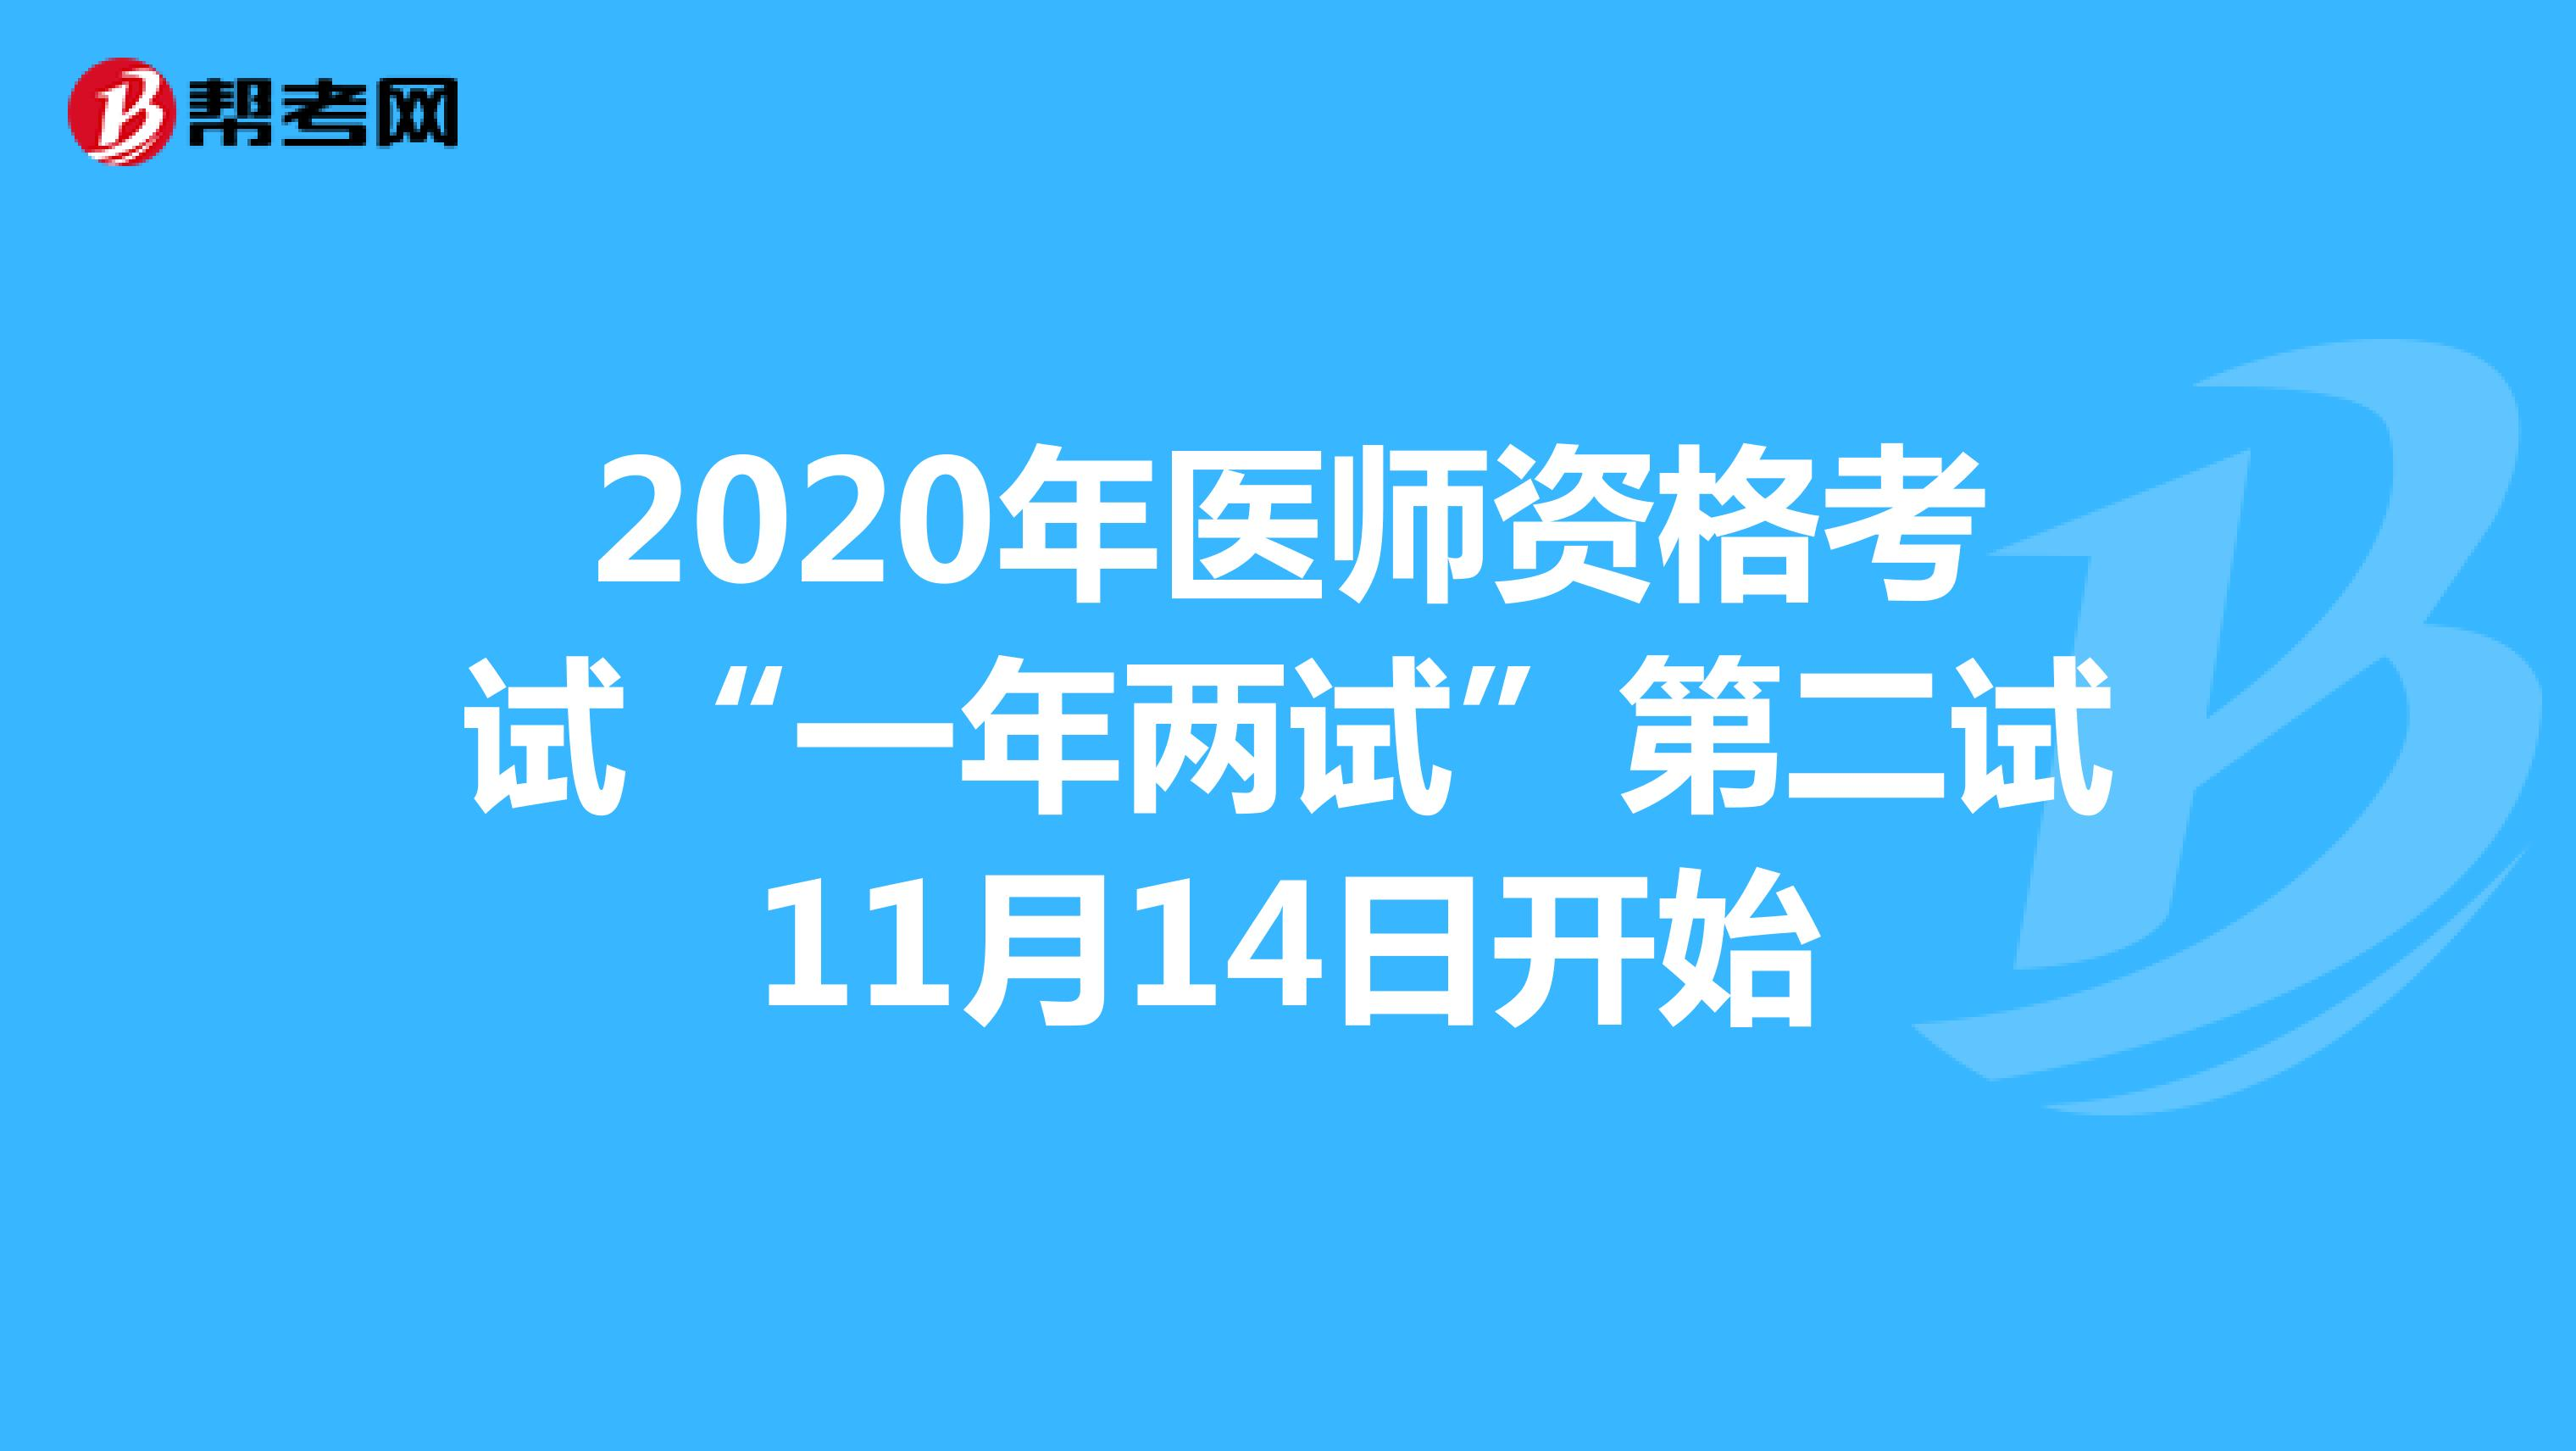 """2020年醫師資格考試""""一年兩試""""第二試11月14日開始"""